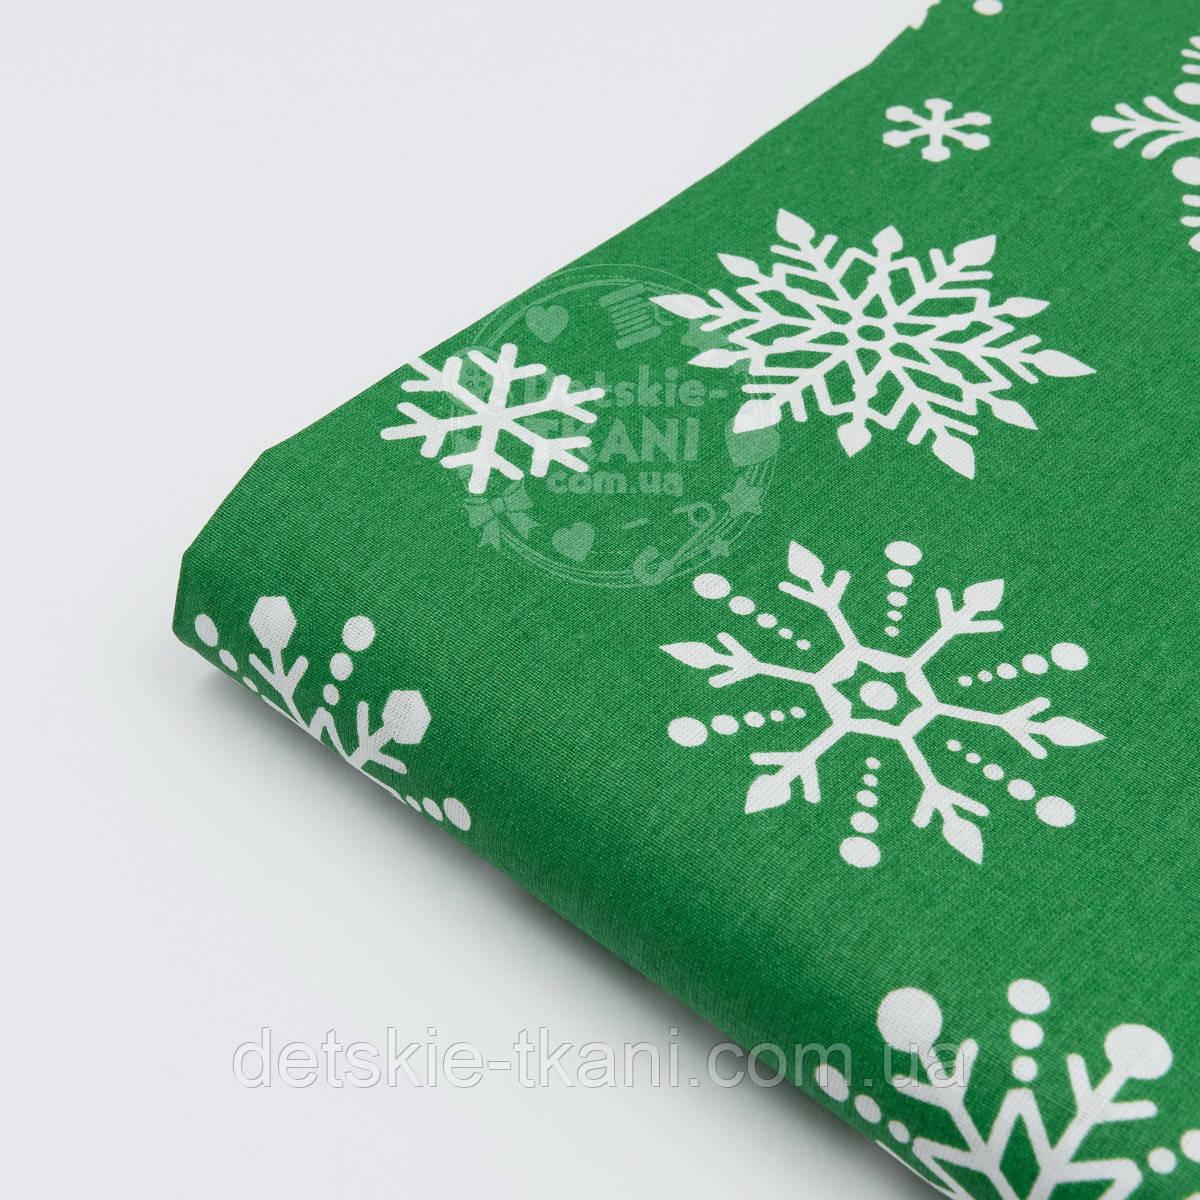 """Отрез ткани №1095  новогодняя """"Снежинки-бусинки"""" на зелёном фоне, размер 85*160"""